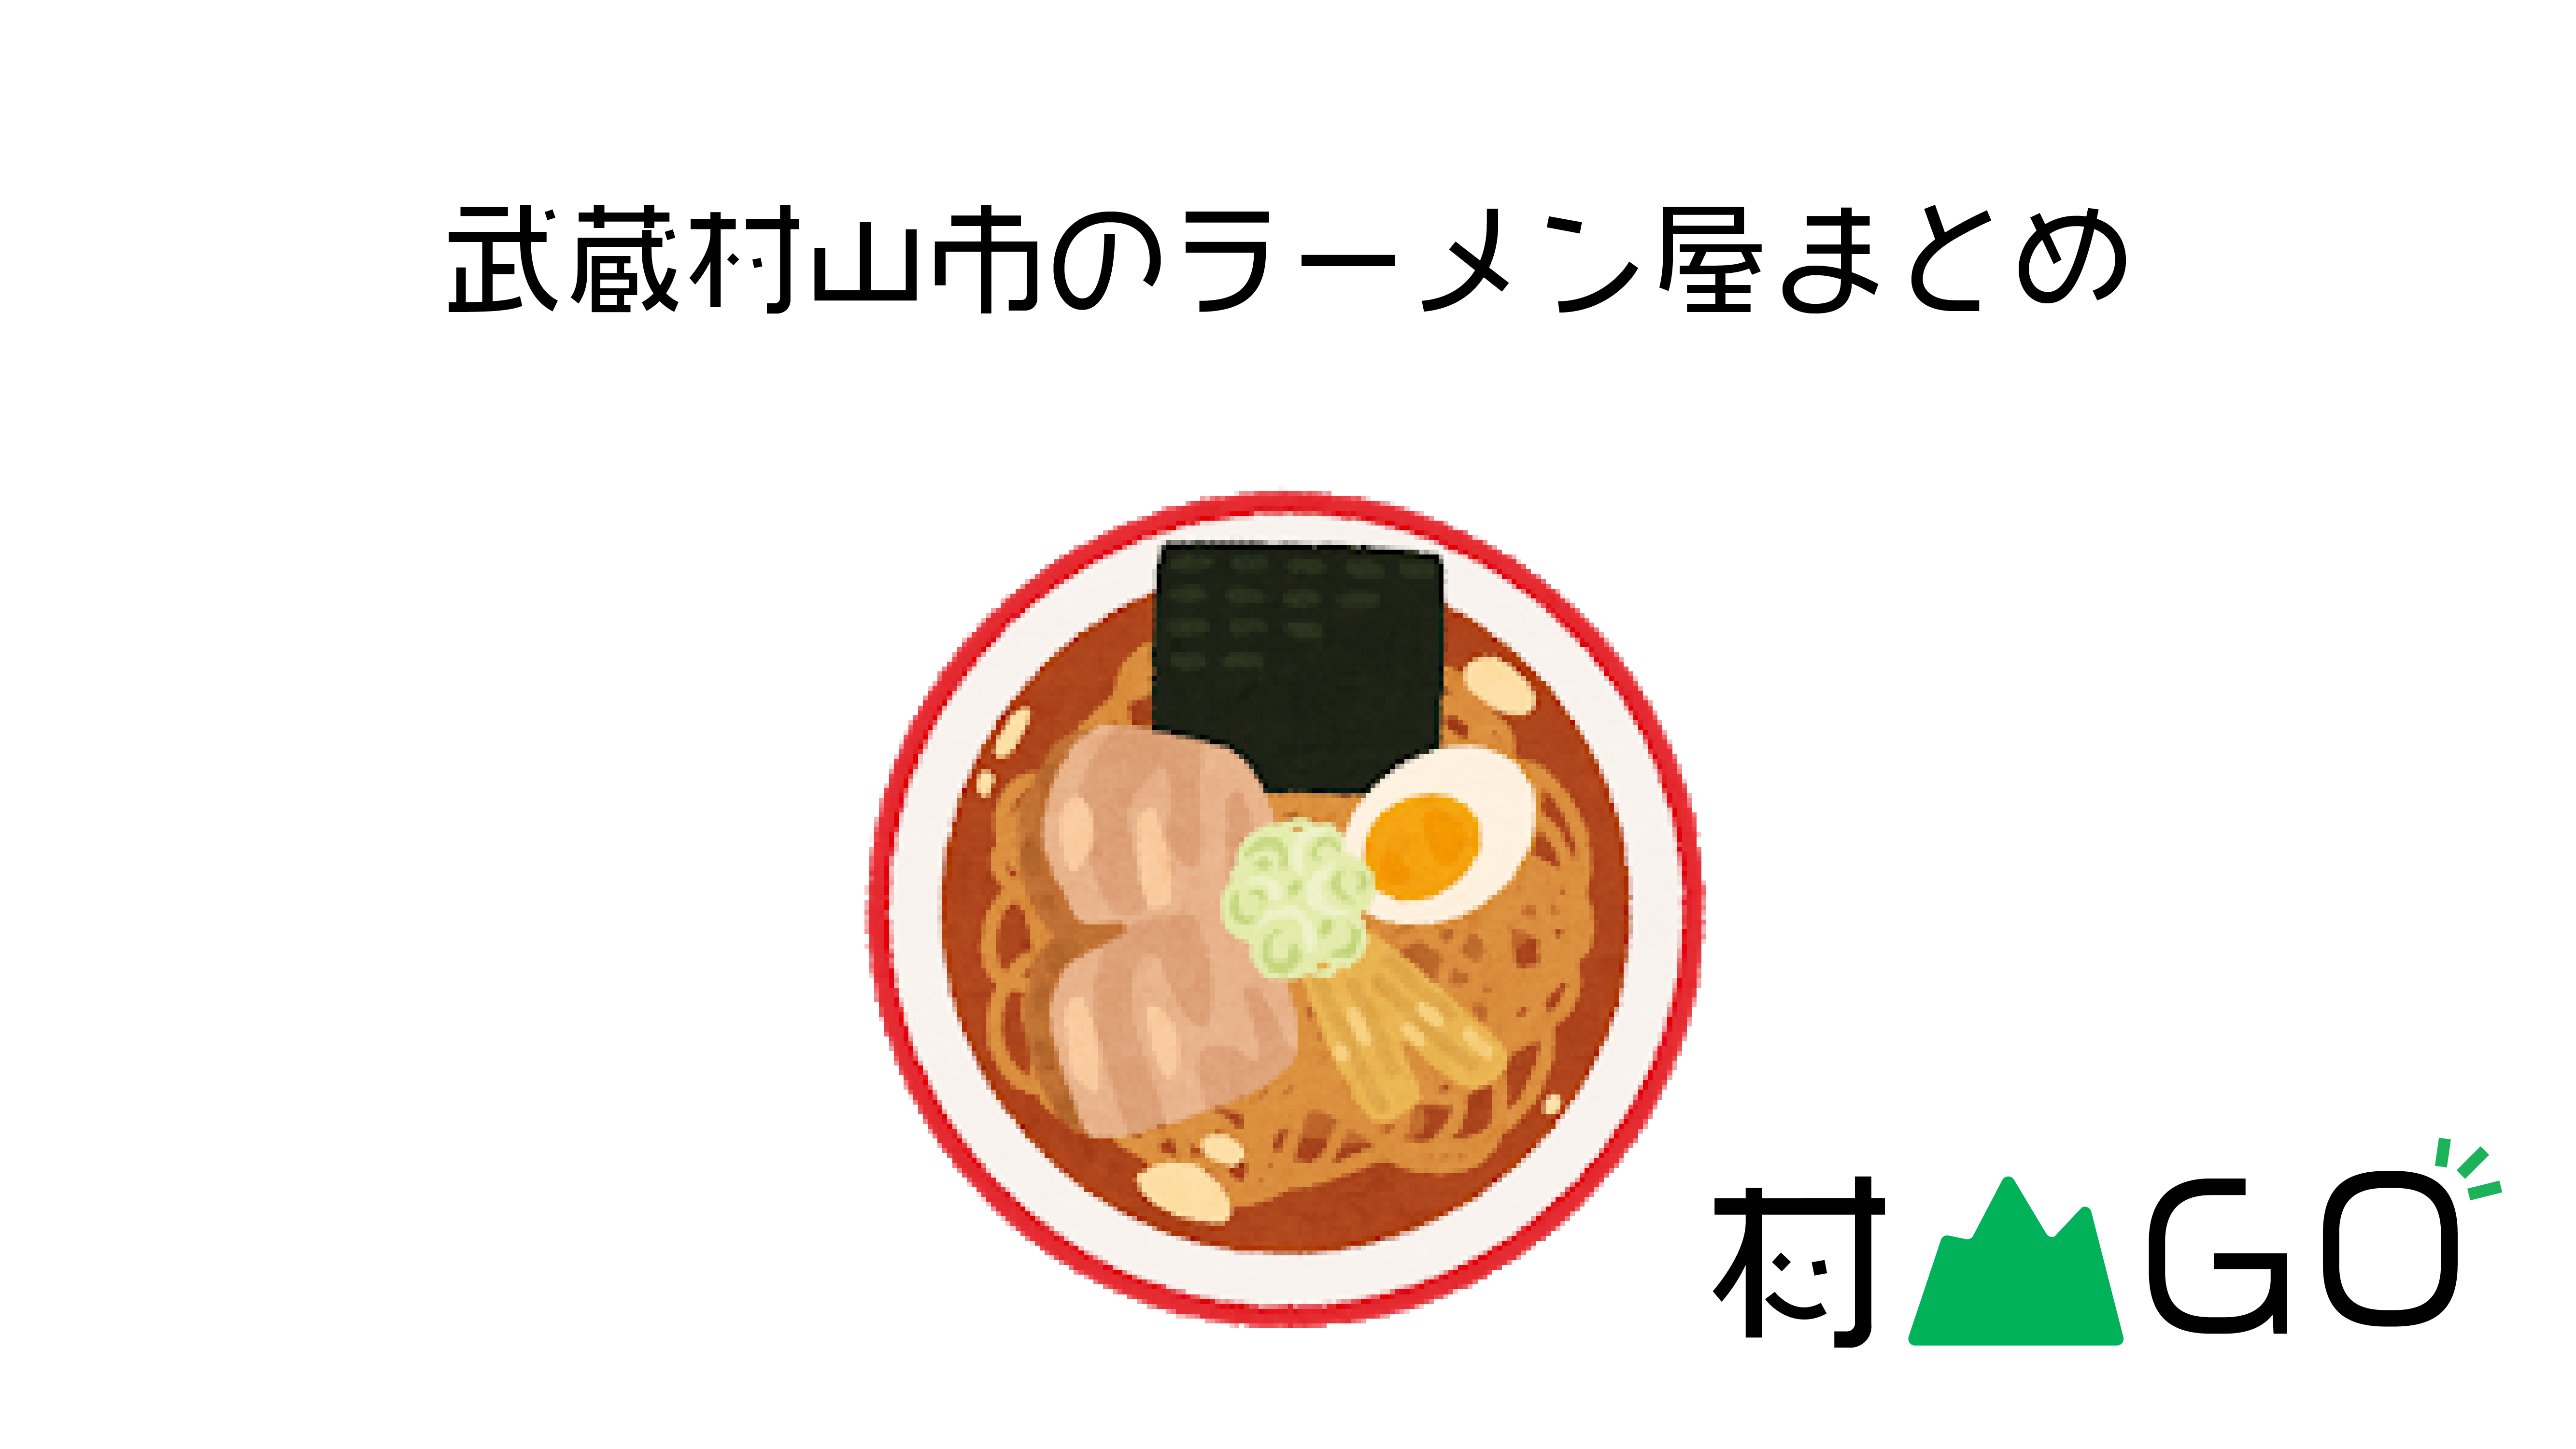 武蔵村山市内にあるラーメン店まとめ【2020年】